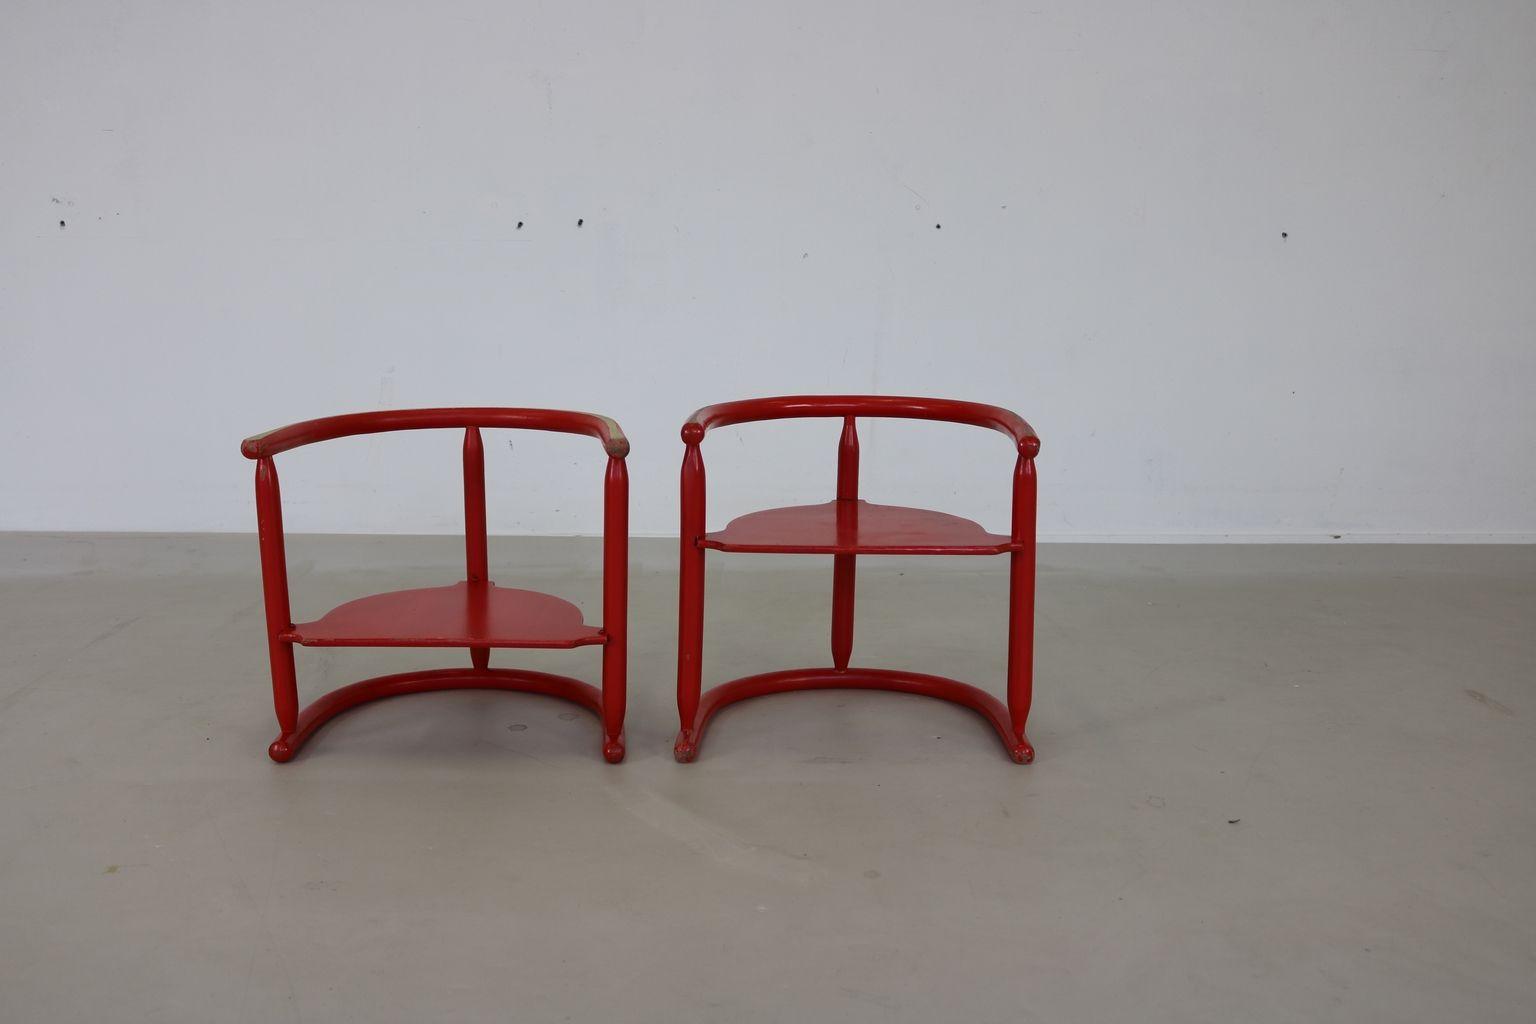 dreiteilige anna kindersitzgruppe von karin mobring f r ikea 1980er bei pamono kaufen. Black Bedroom Furniture Sets. Home Design Ideas